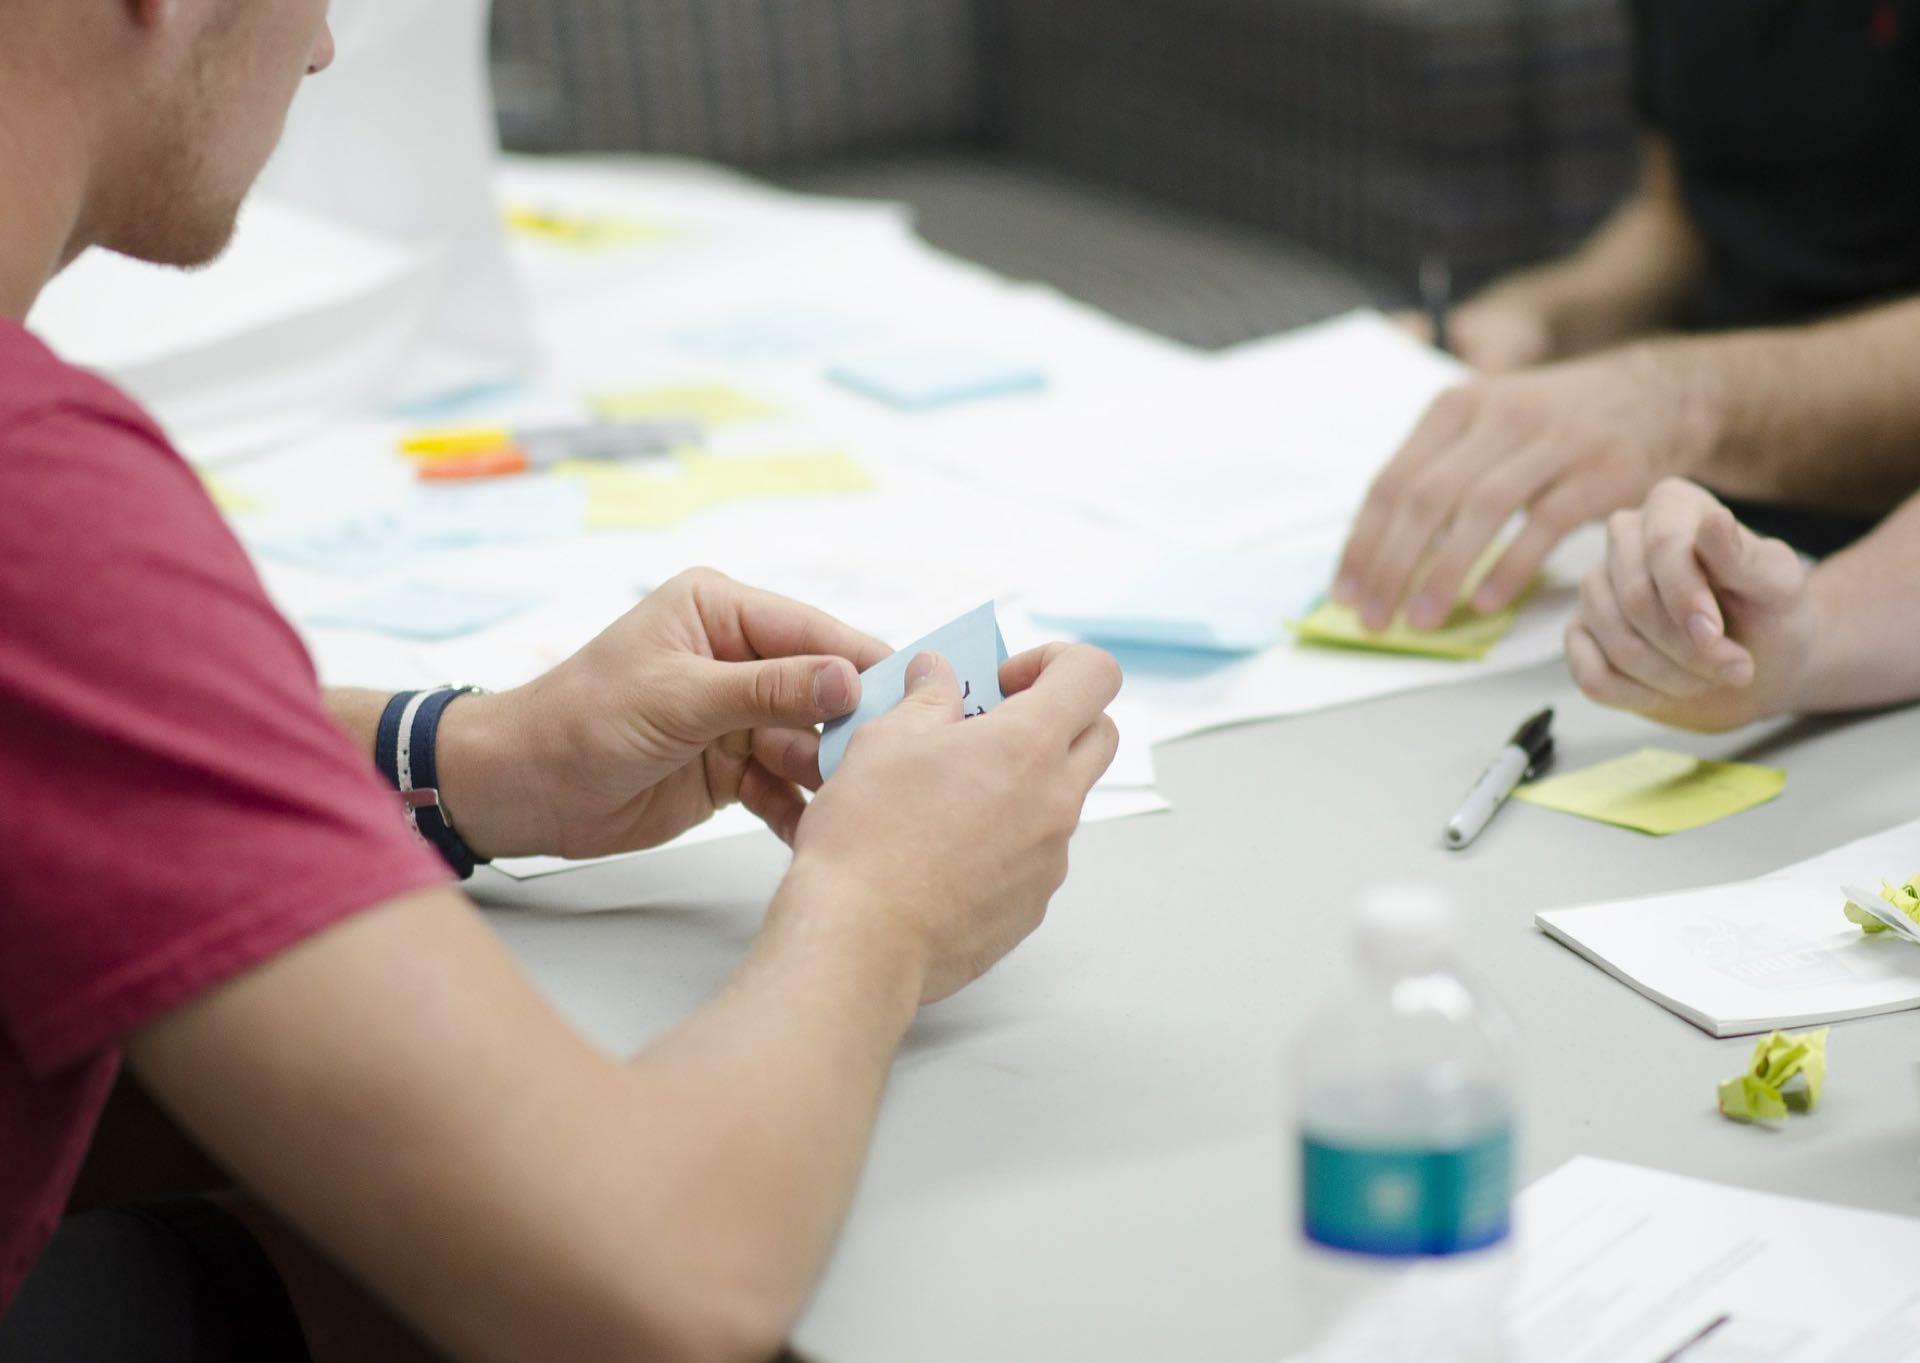 Test - ¿Cómo es el estilo de gestión en tu organización?